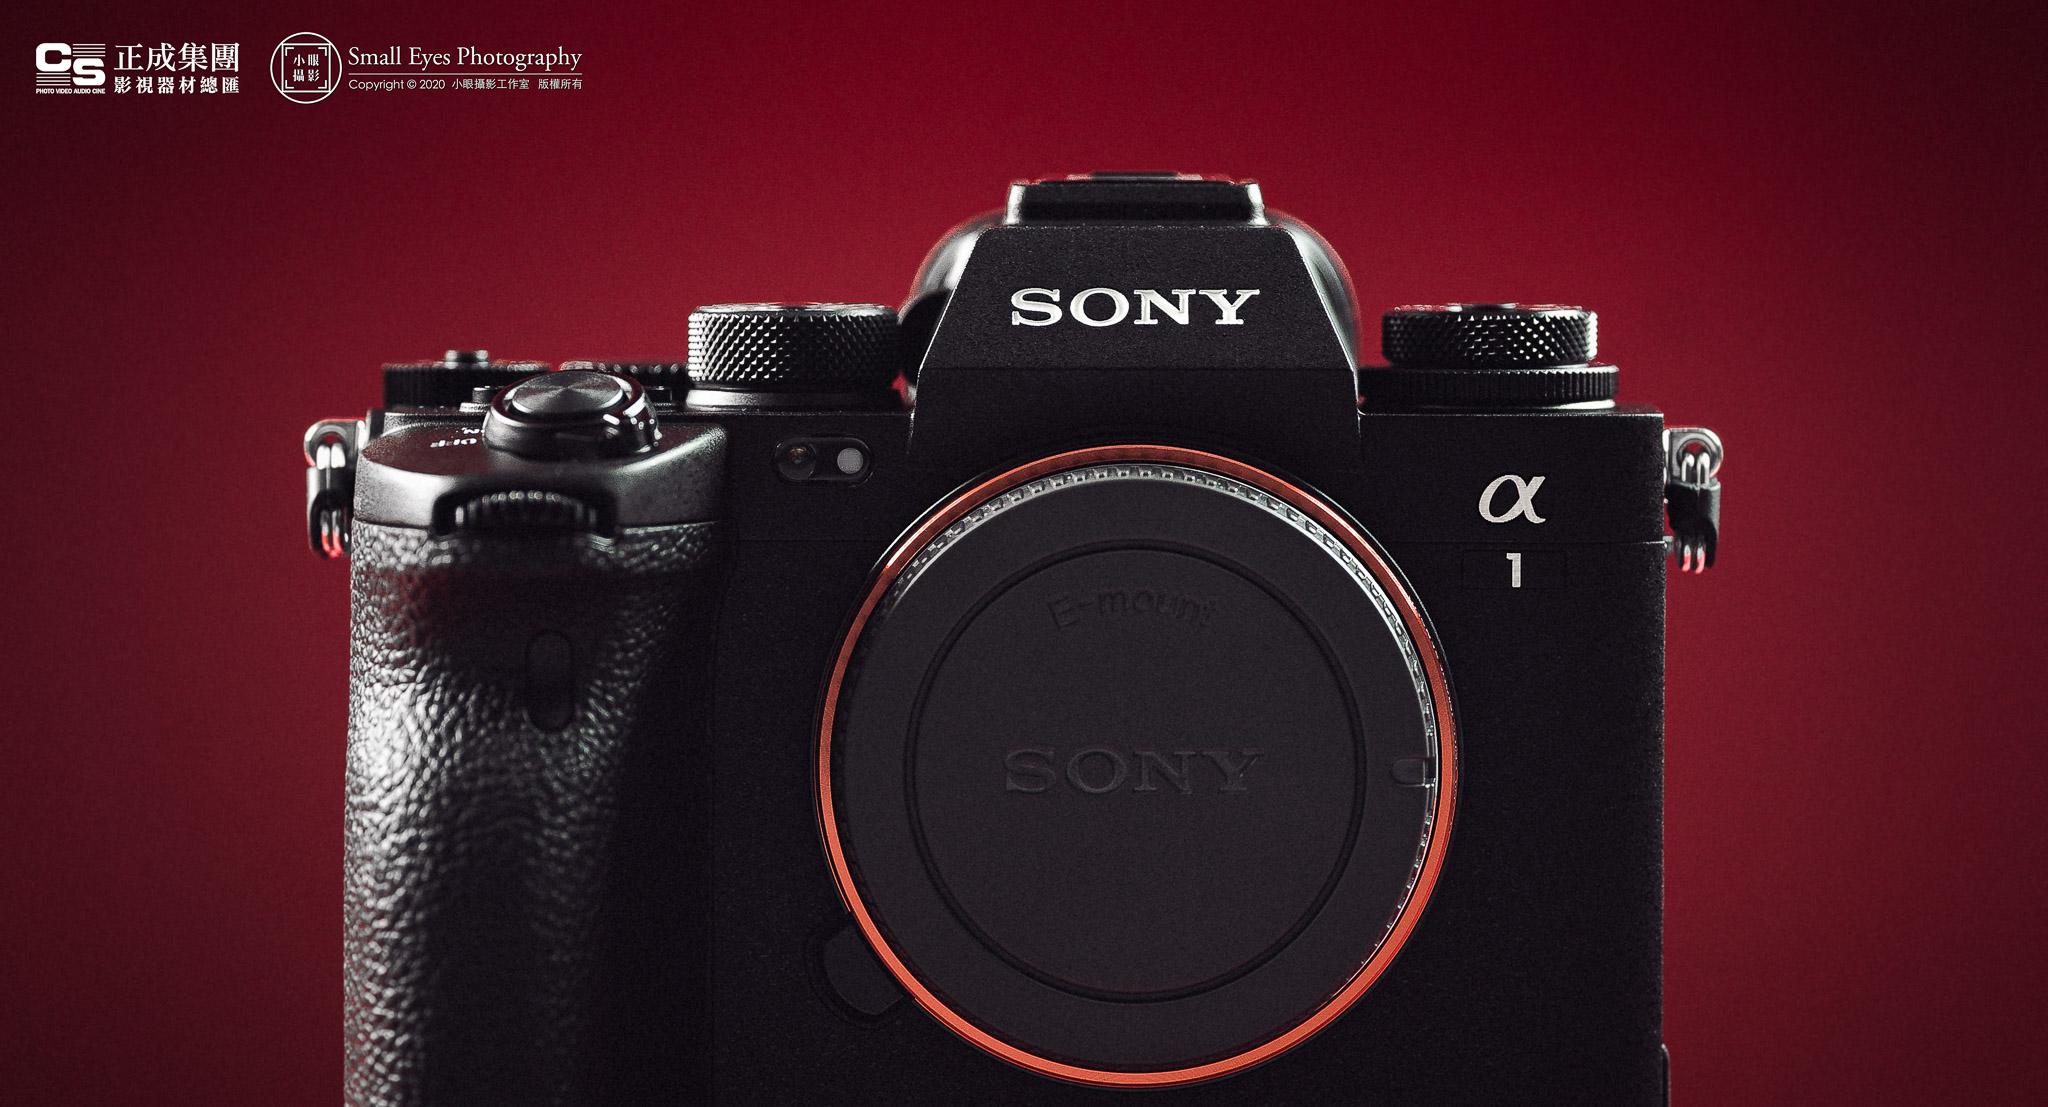 【器材開箱】小眼攝影 Sony A1開箱 感謝正成貿易贊助